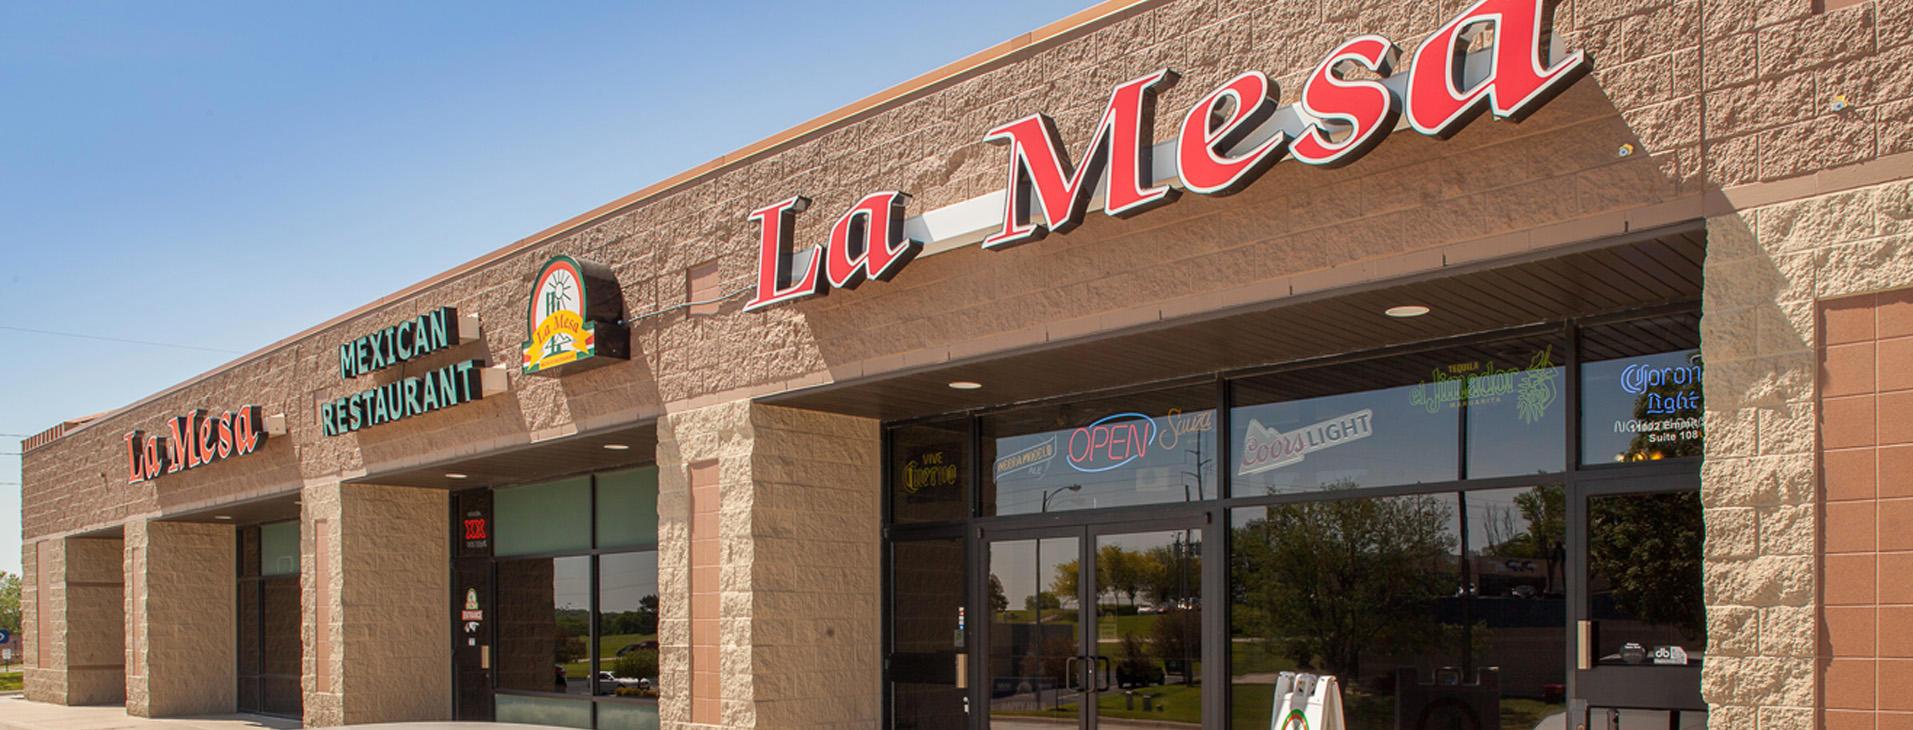 Top  Mexican Restaurants In Omaha